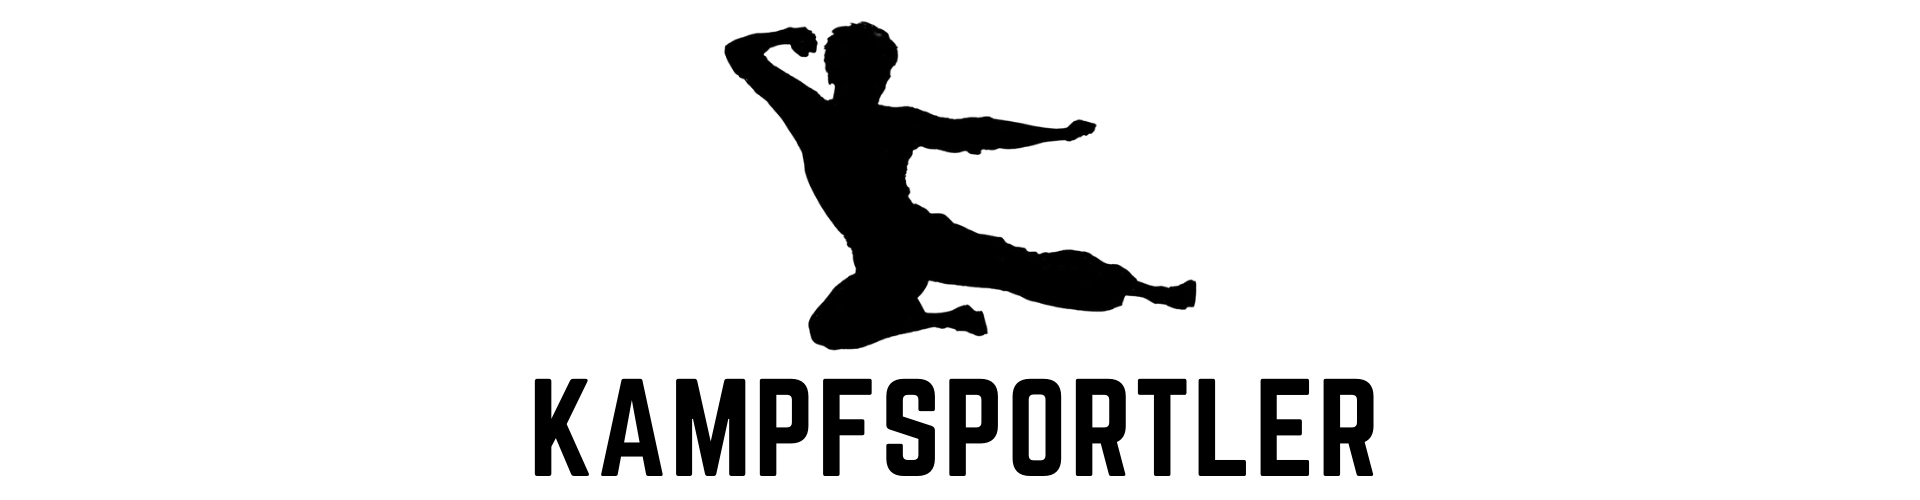 Der Kampfsportler